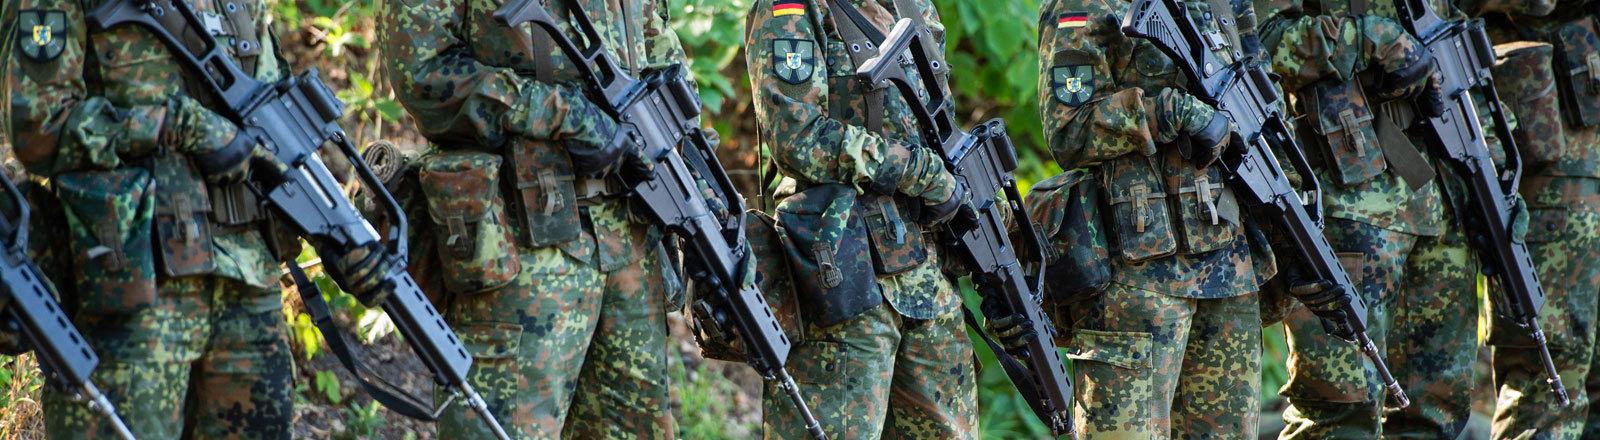 Soldaten in Reih und Glied